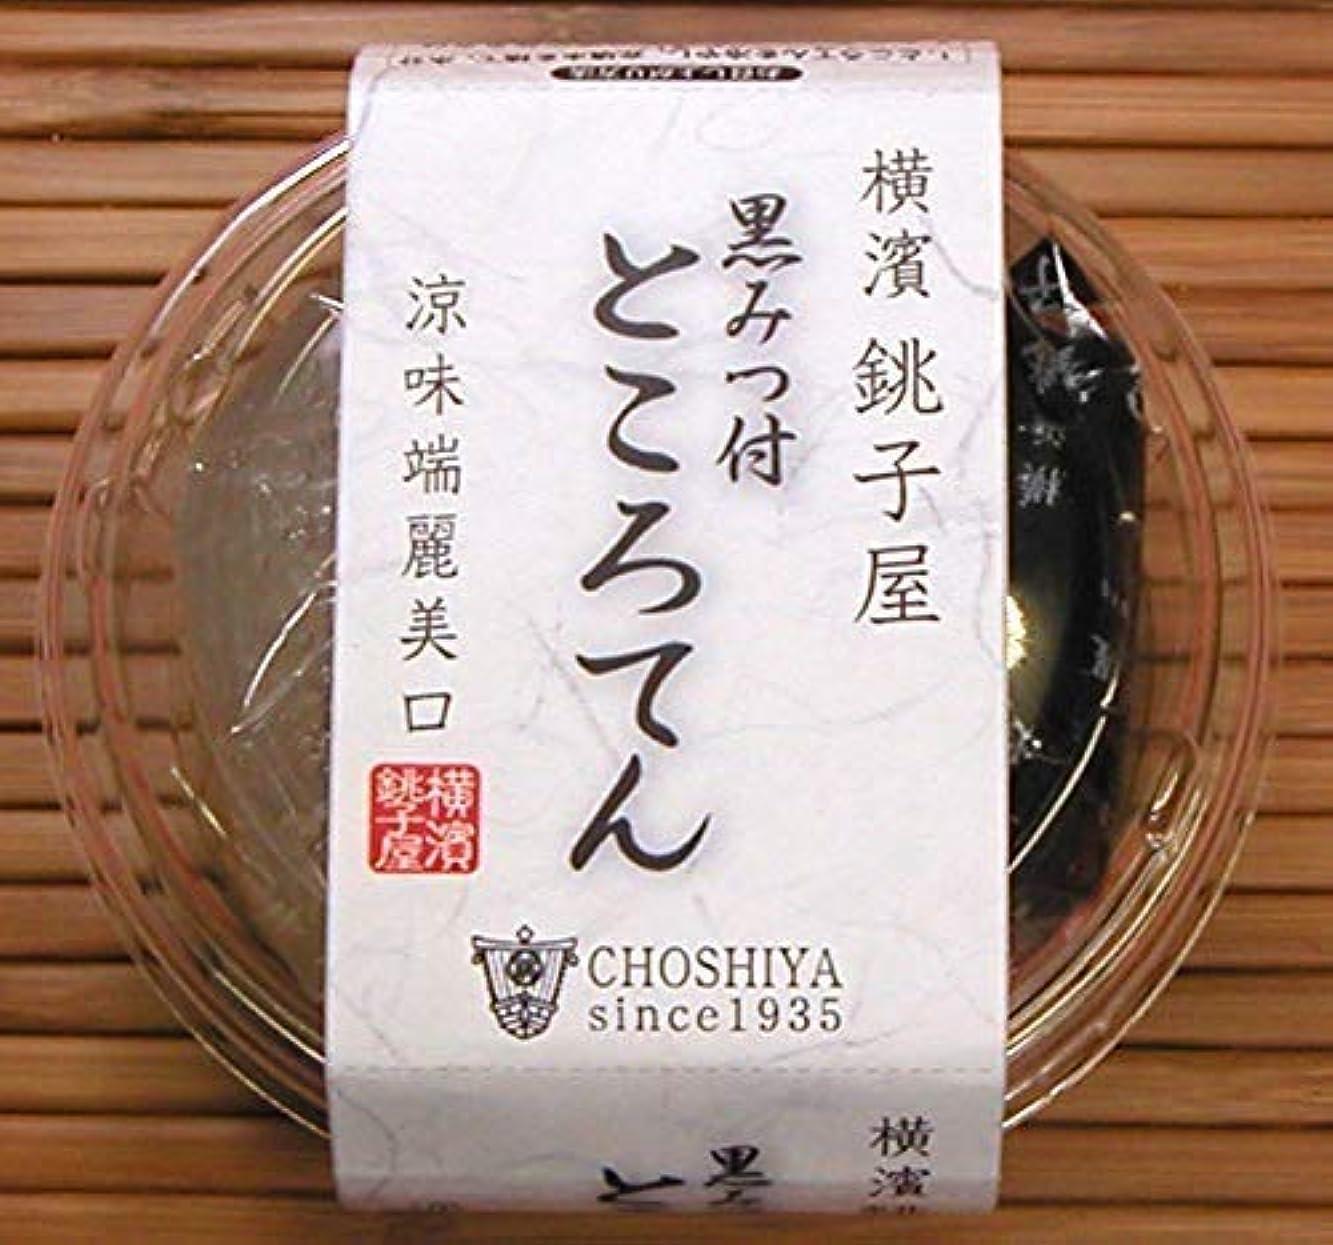 泥だらけ包括的言い訳横濱銚子屋黒みつ付ところてん4個セット